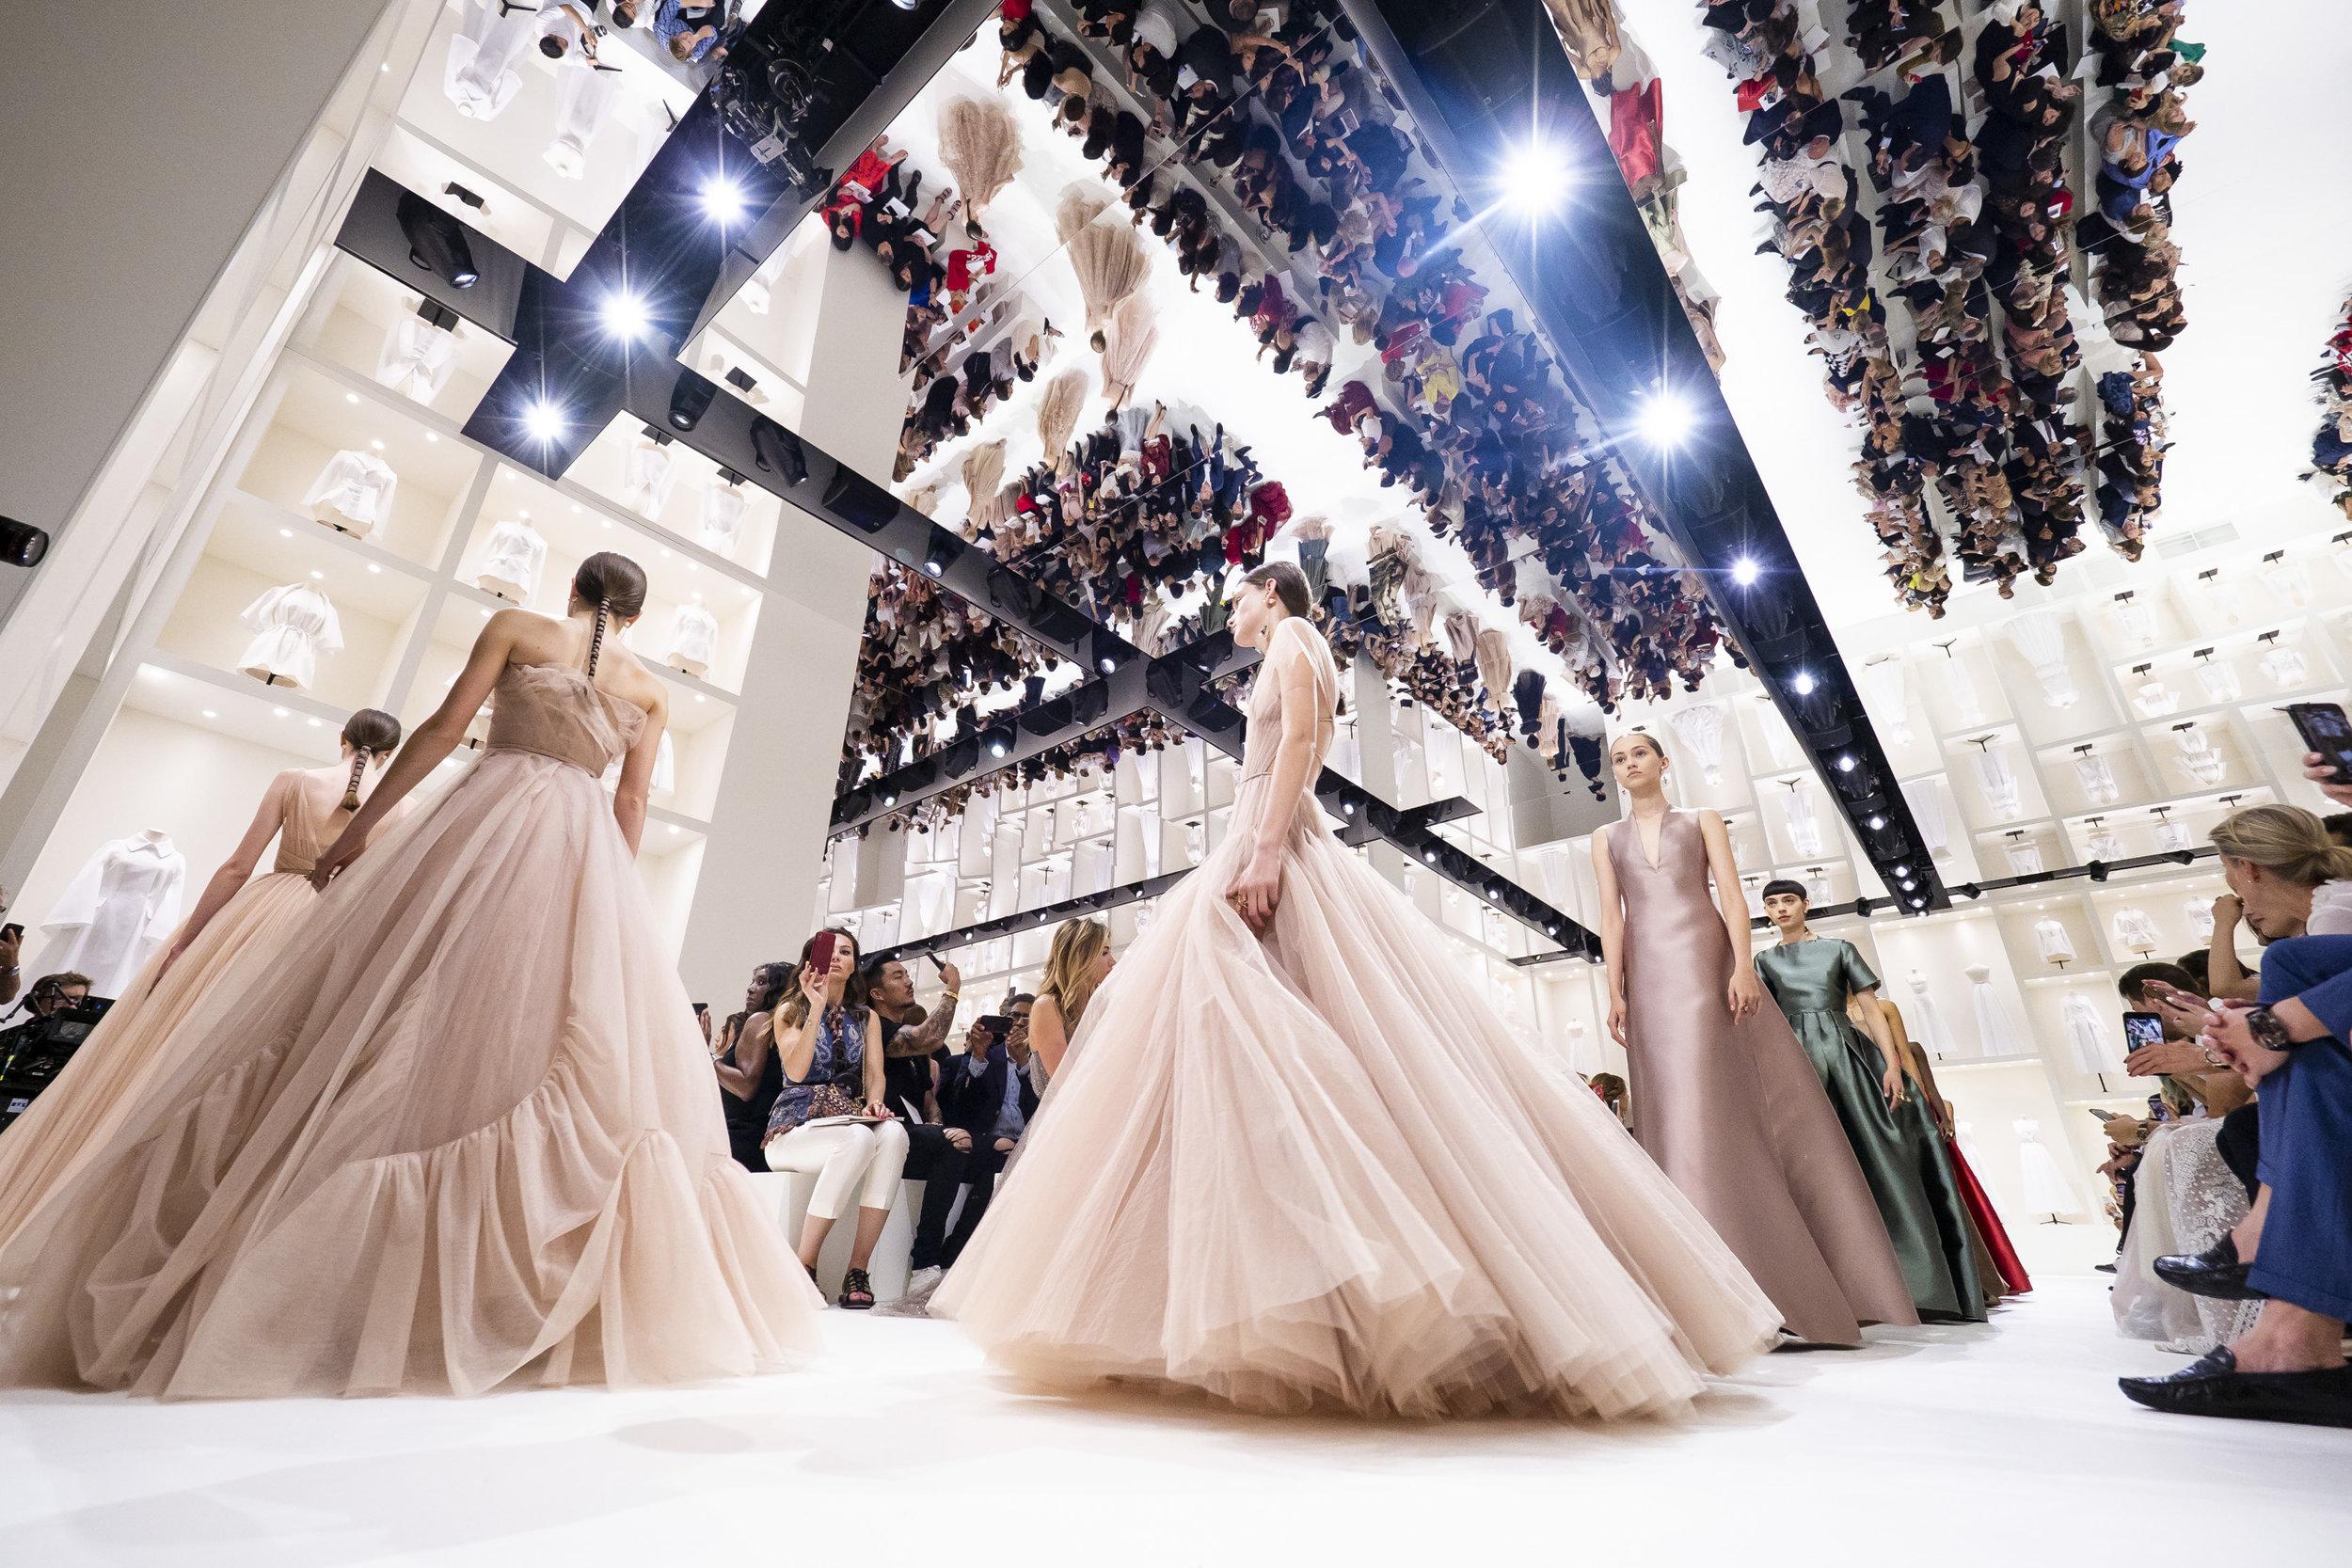 Christian Dior Fall '18 Couture (photo: theimpression.com)